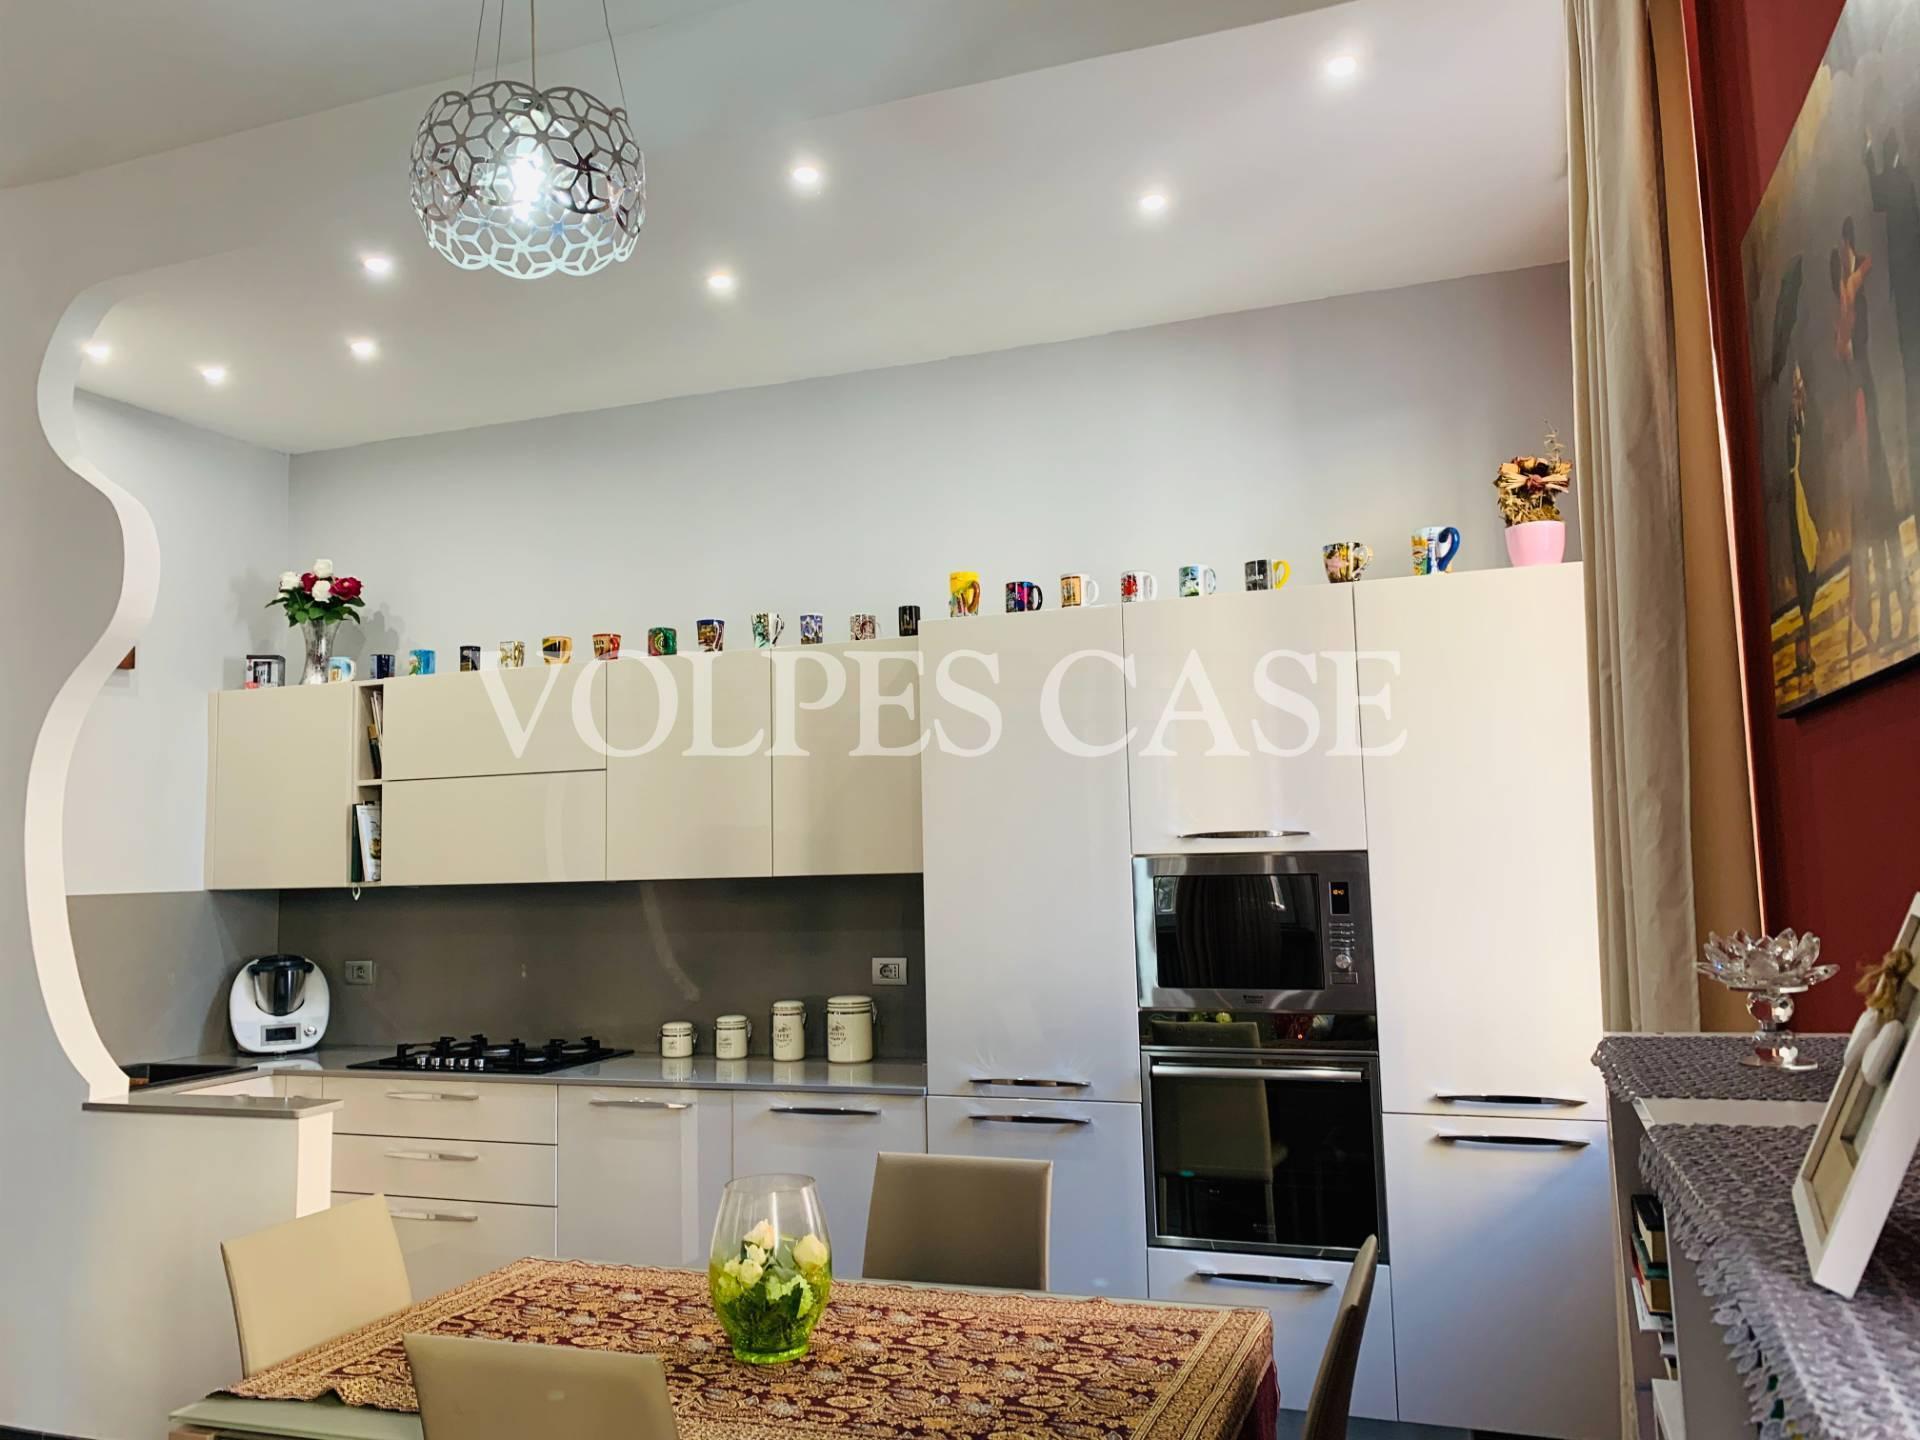 Appartamento in Vendita a Milano Cod. V55-2690